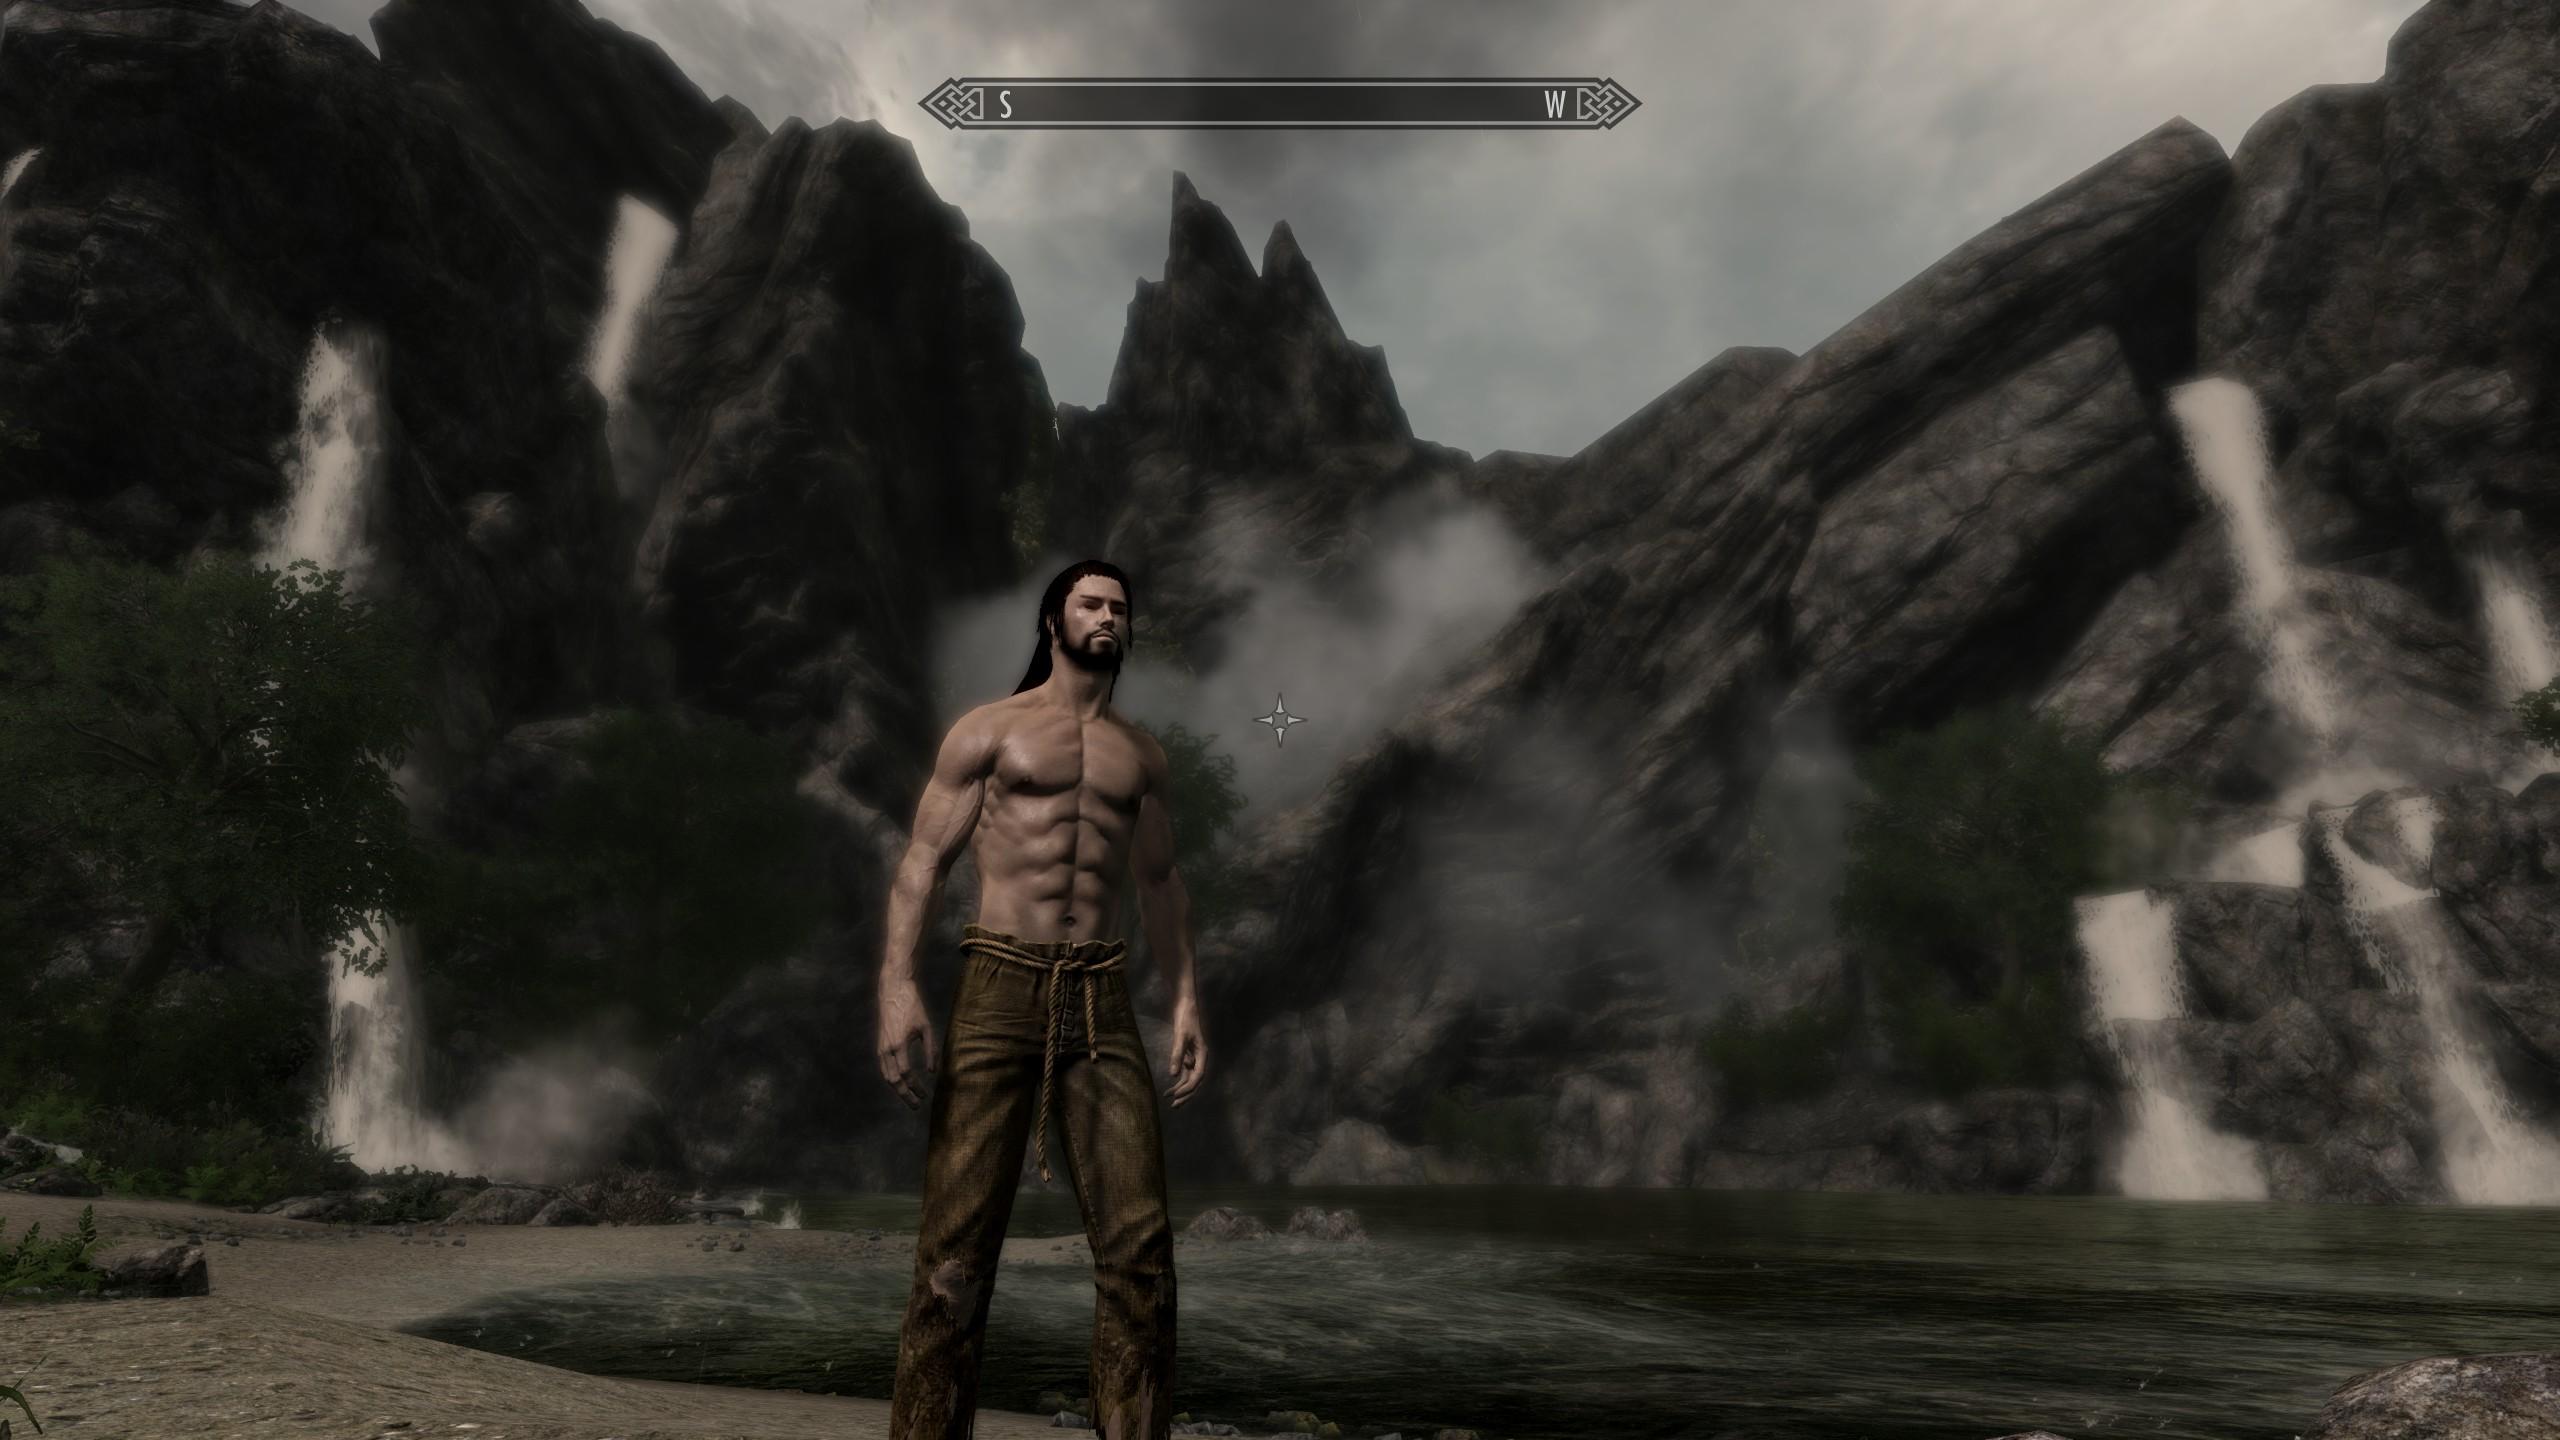 Начало пути, а уже пафос. - Elder Scrolls 5: Skyrim, the